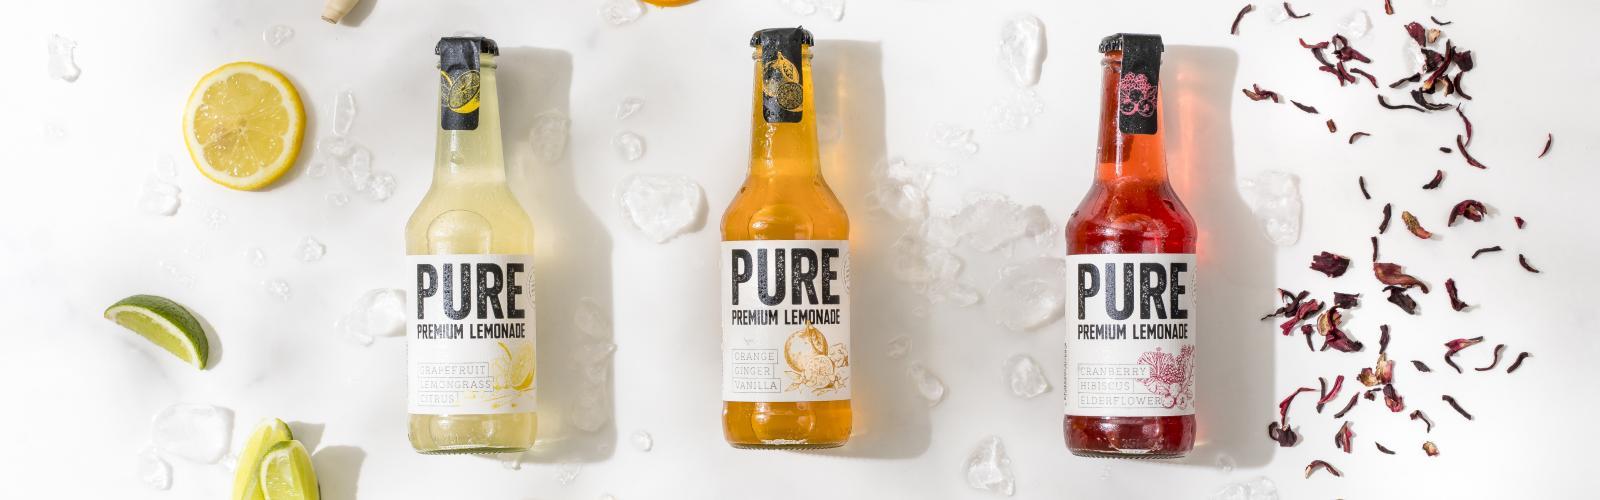 PURE limonade